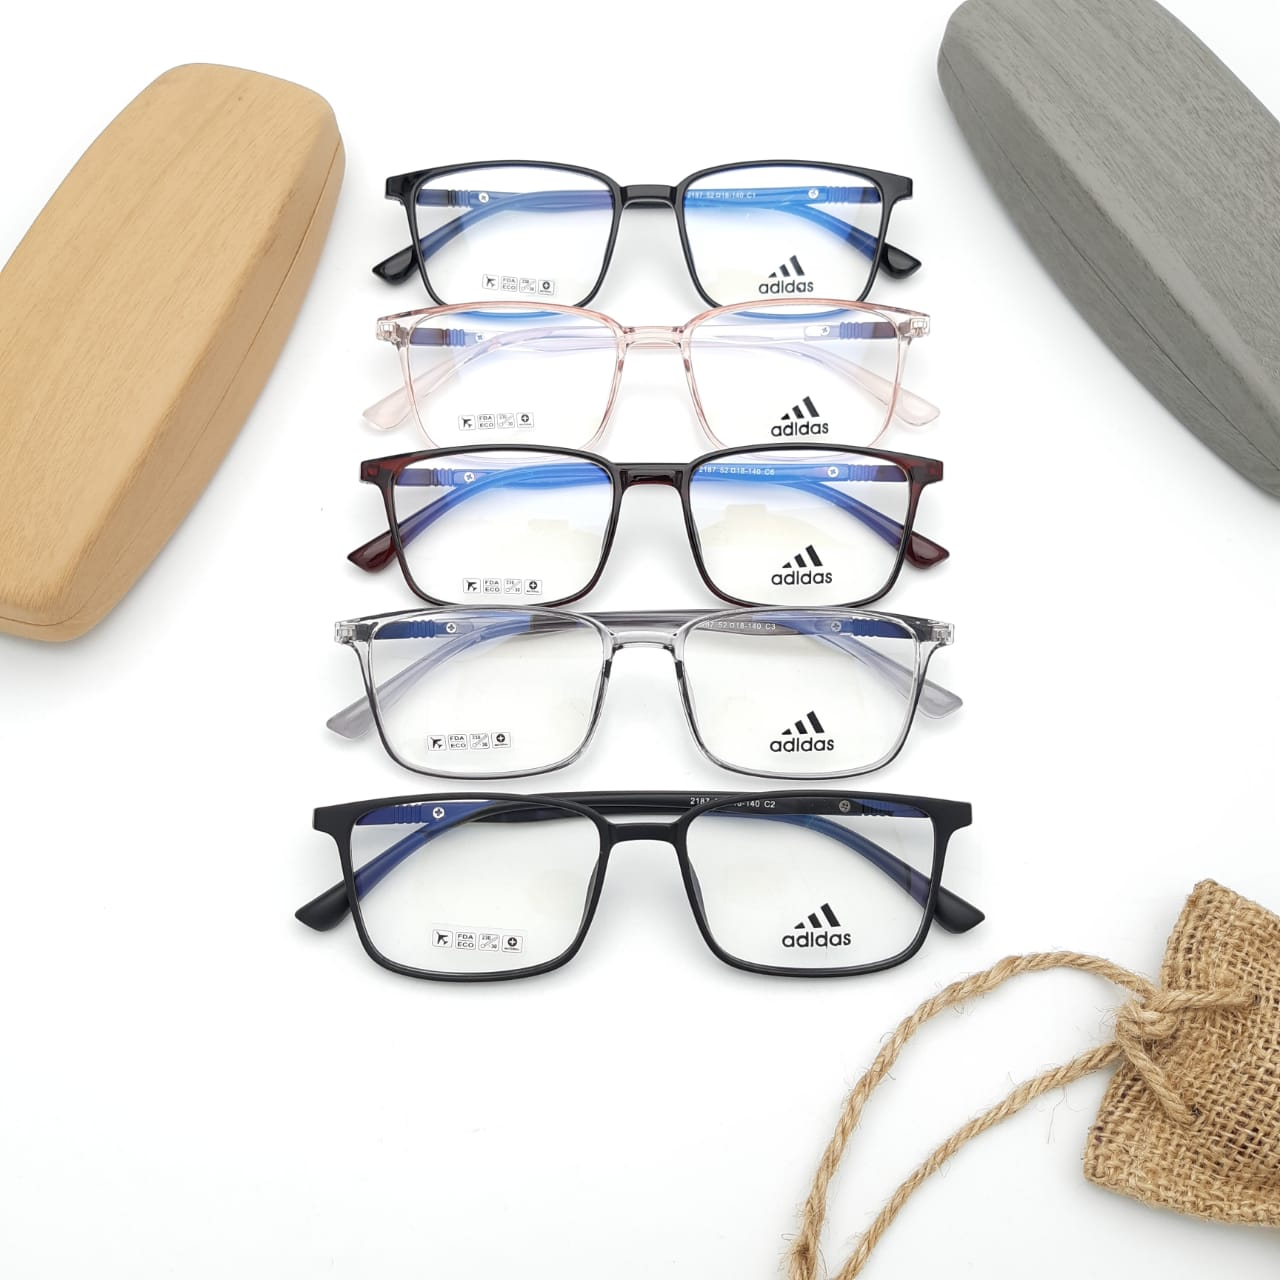 Jual kacamata gucci